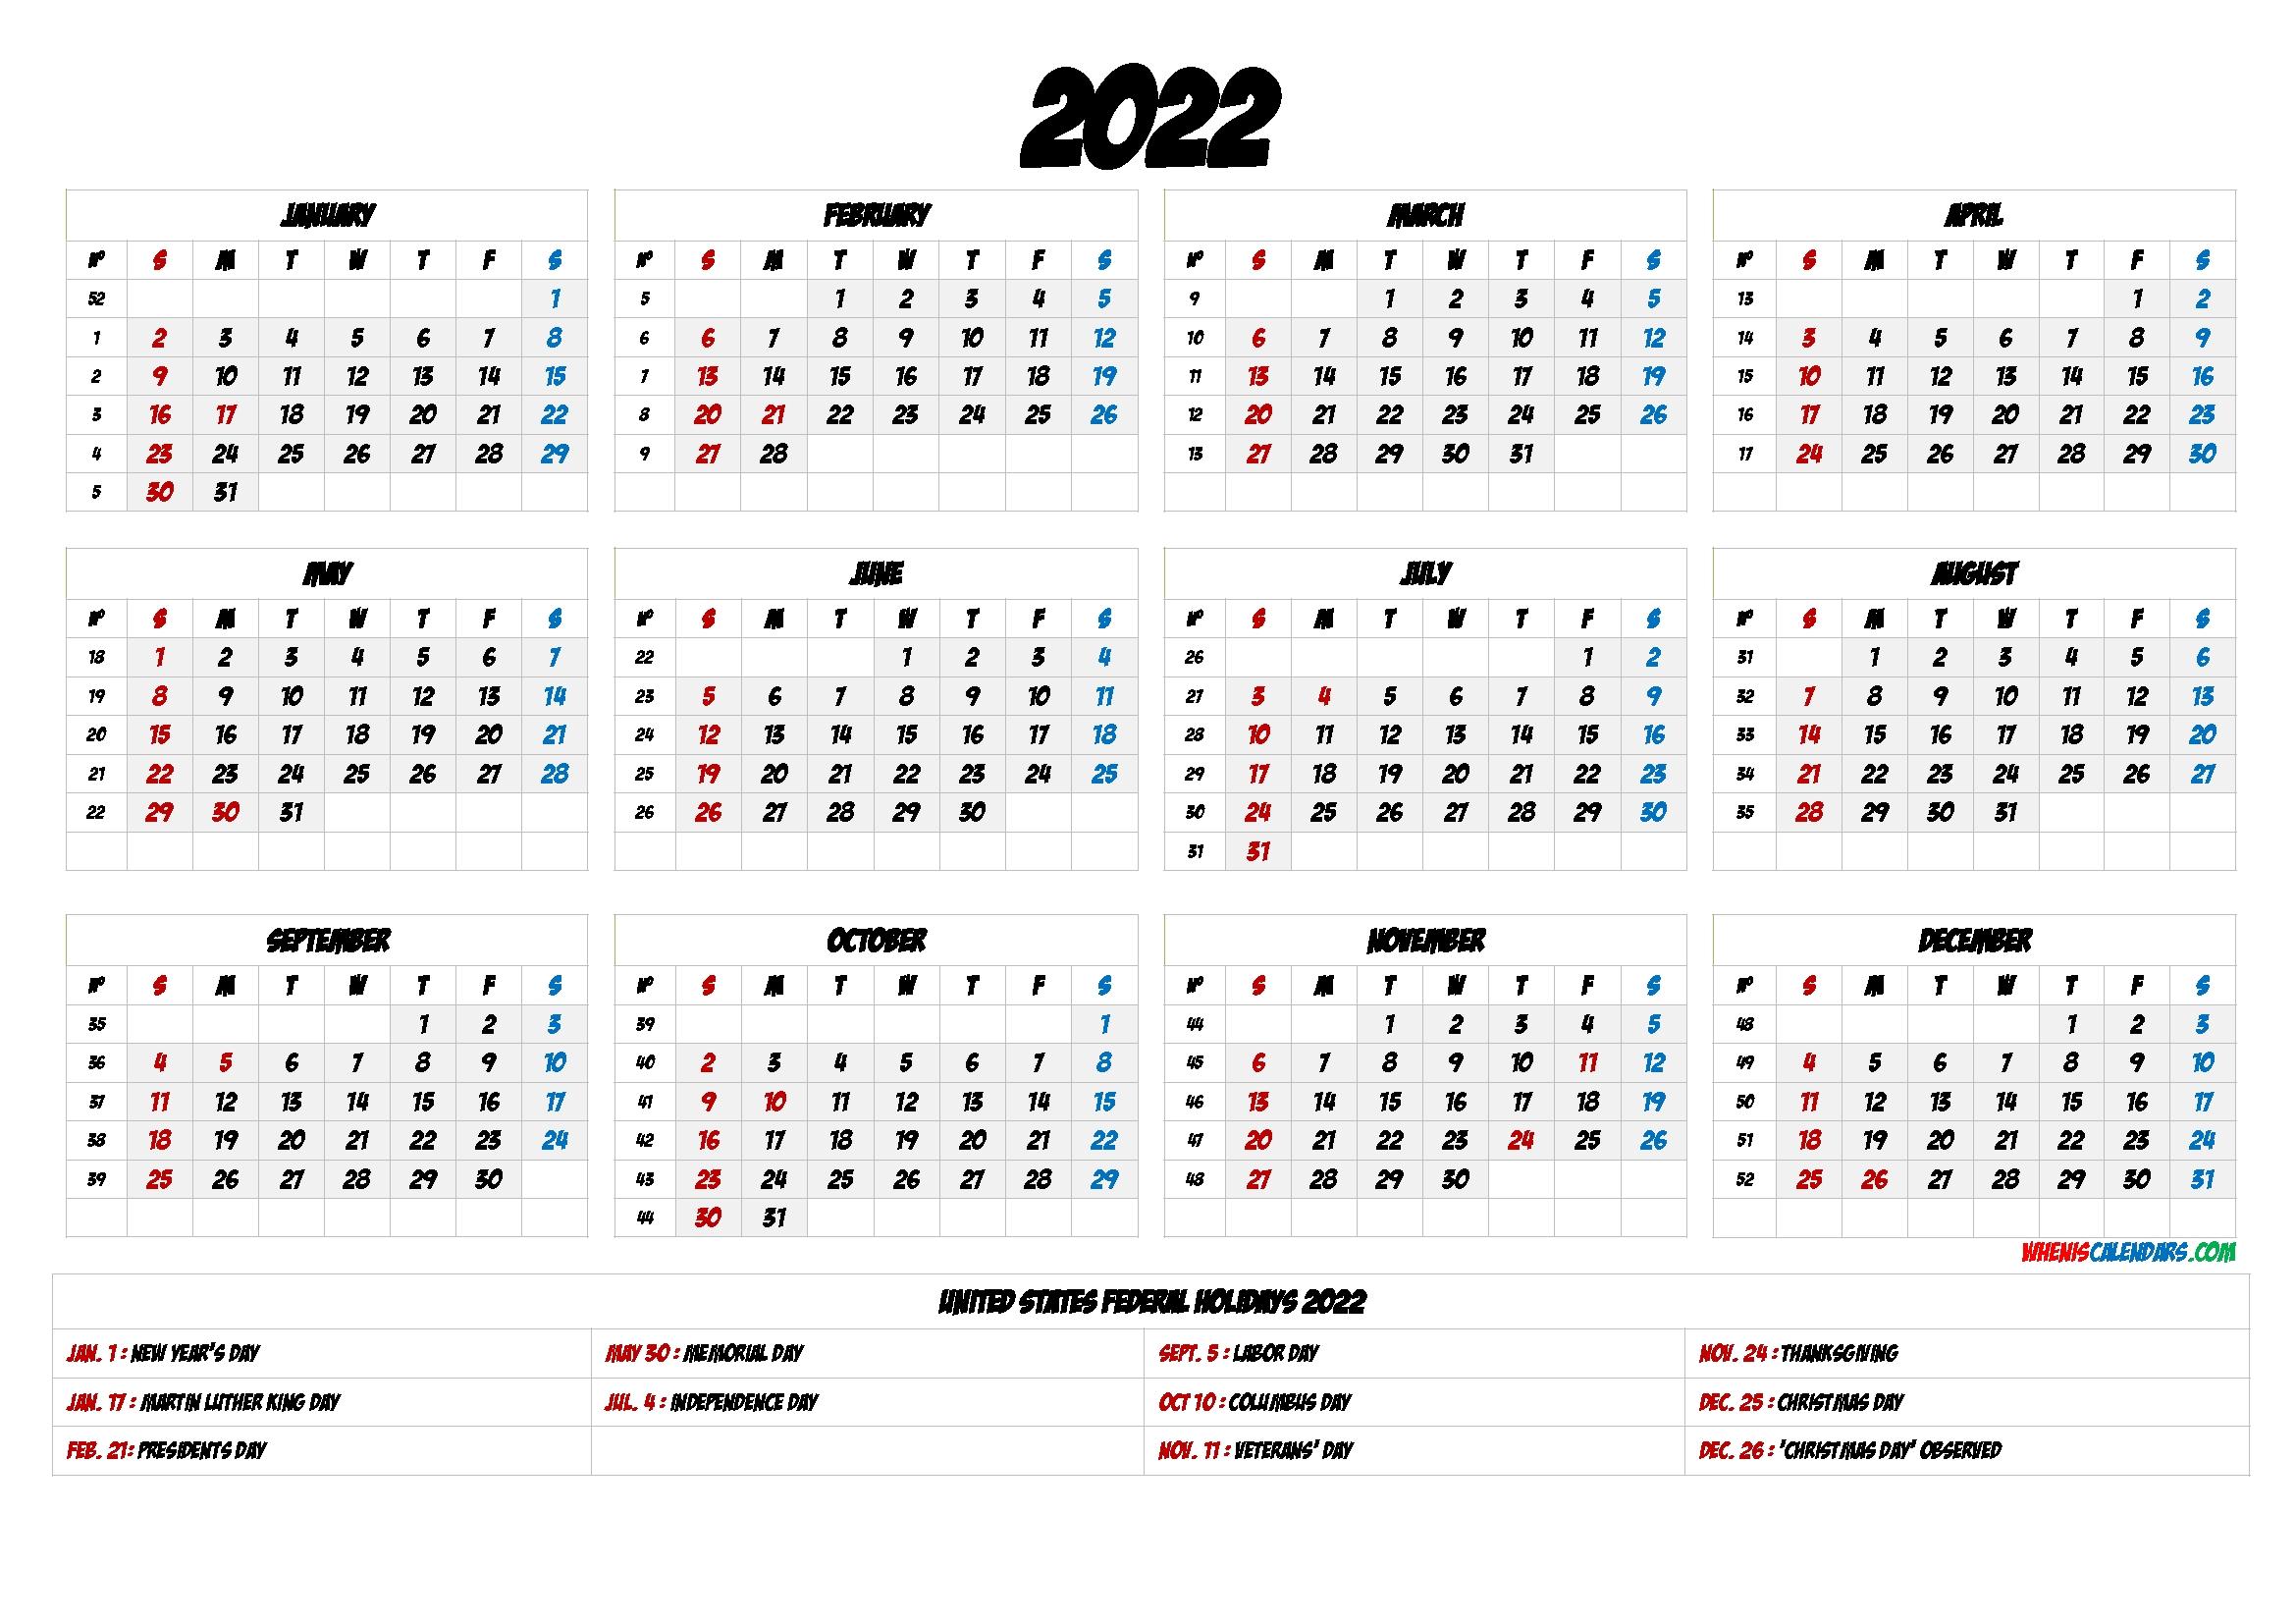 Free Printable Calendar 2022 With Holidays | Printable